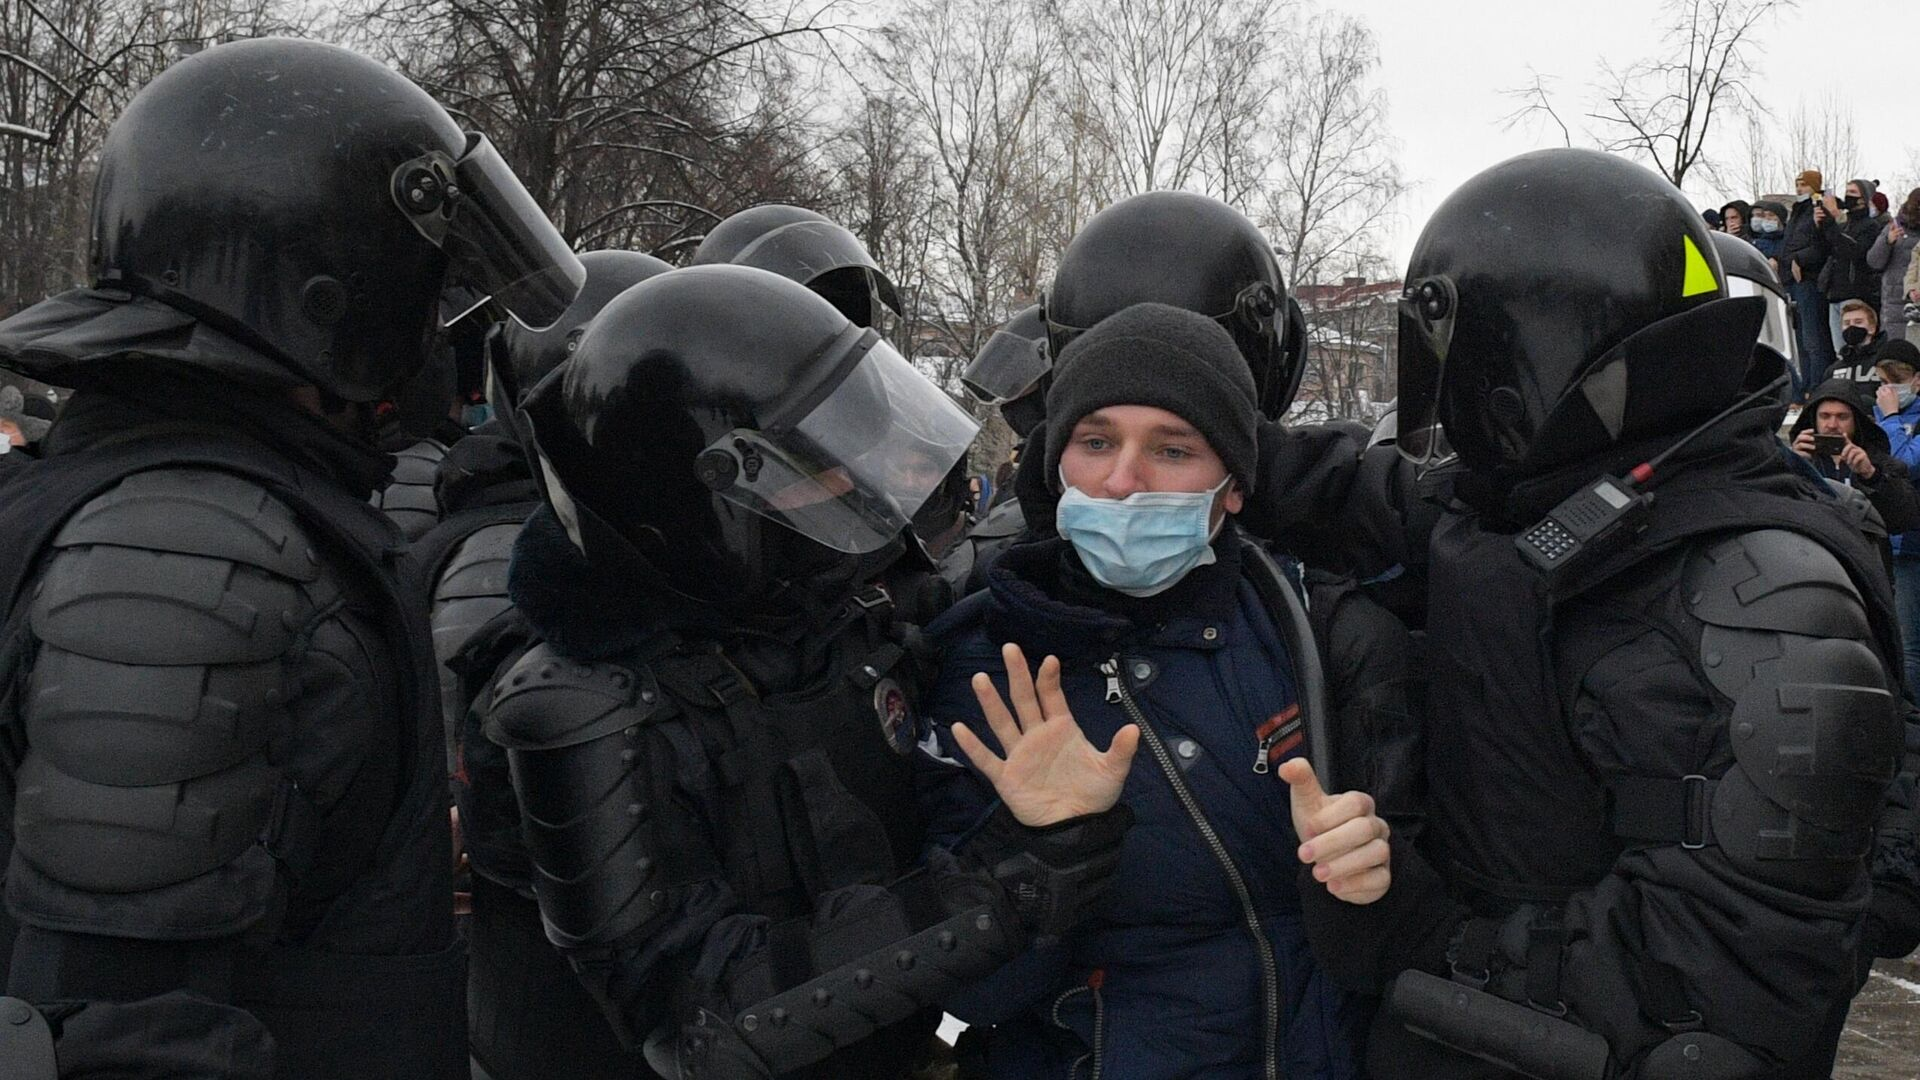 Сотрудники правоохранительных органов задерживают участника несанкционированной акции сторонников Алексея Навального  - РИА Новости, 1920, 01.02.2021